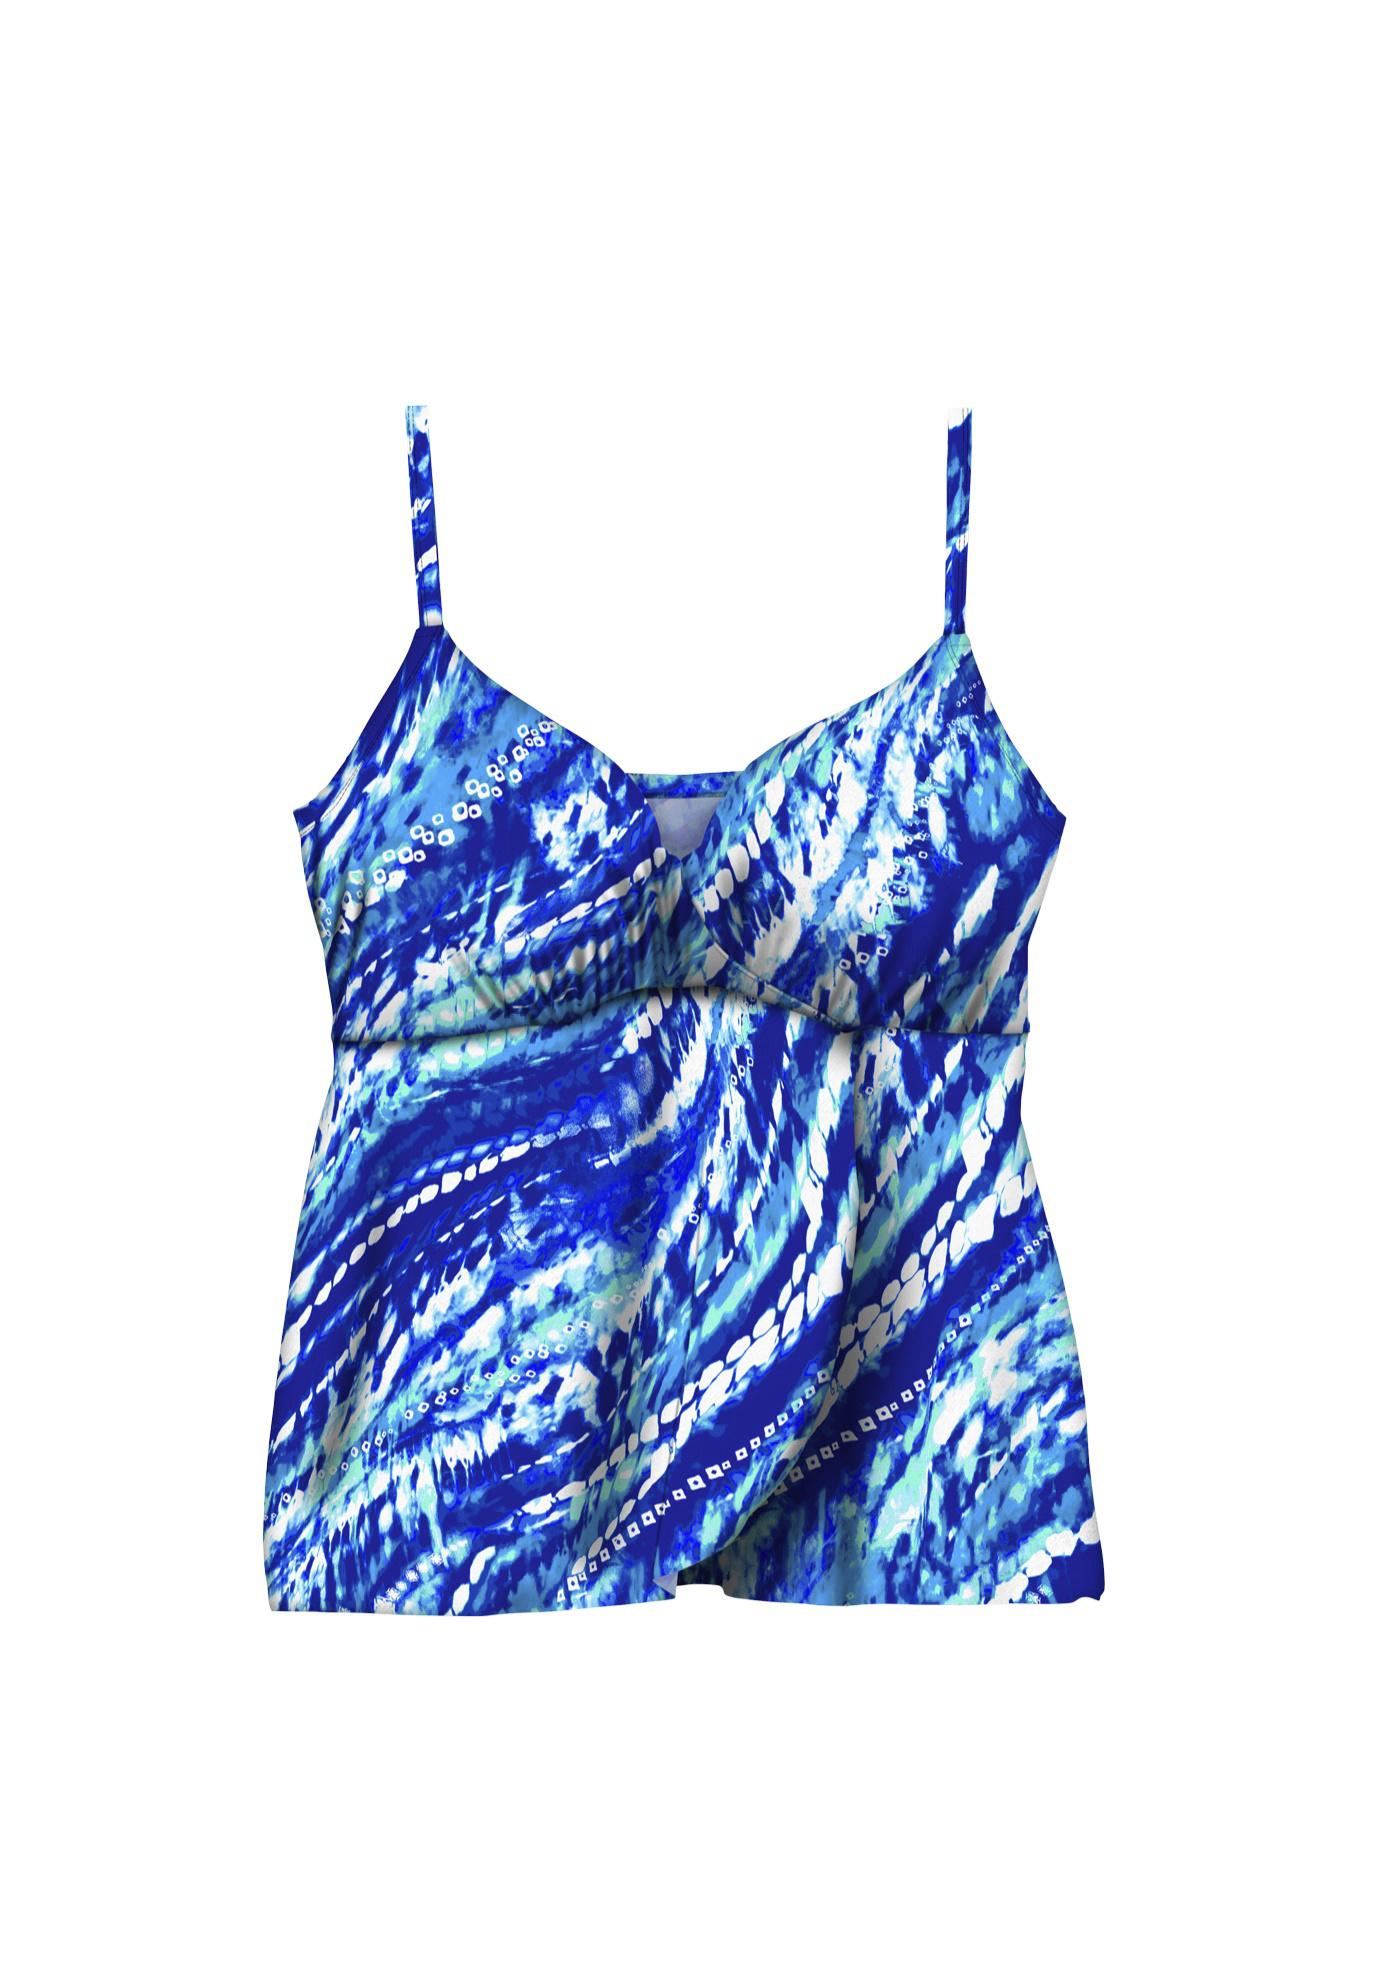 Plus Size Women's Bra-Size Wrap Tankini Top by Swim 365 in Dream Blue Tie Dye